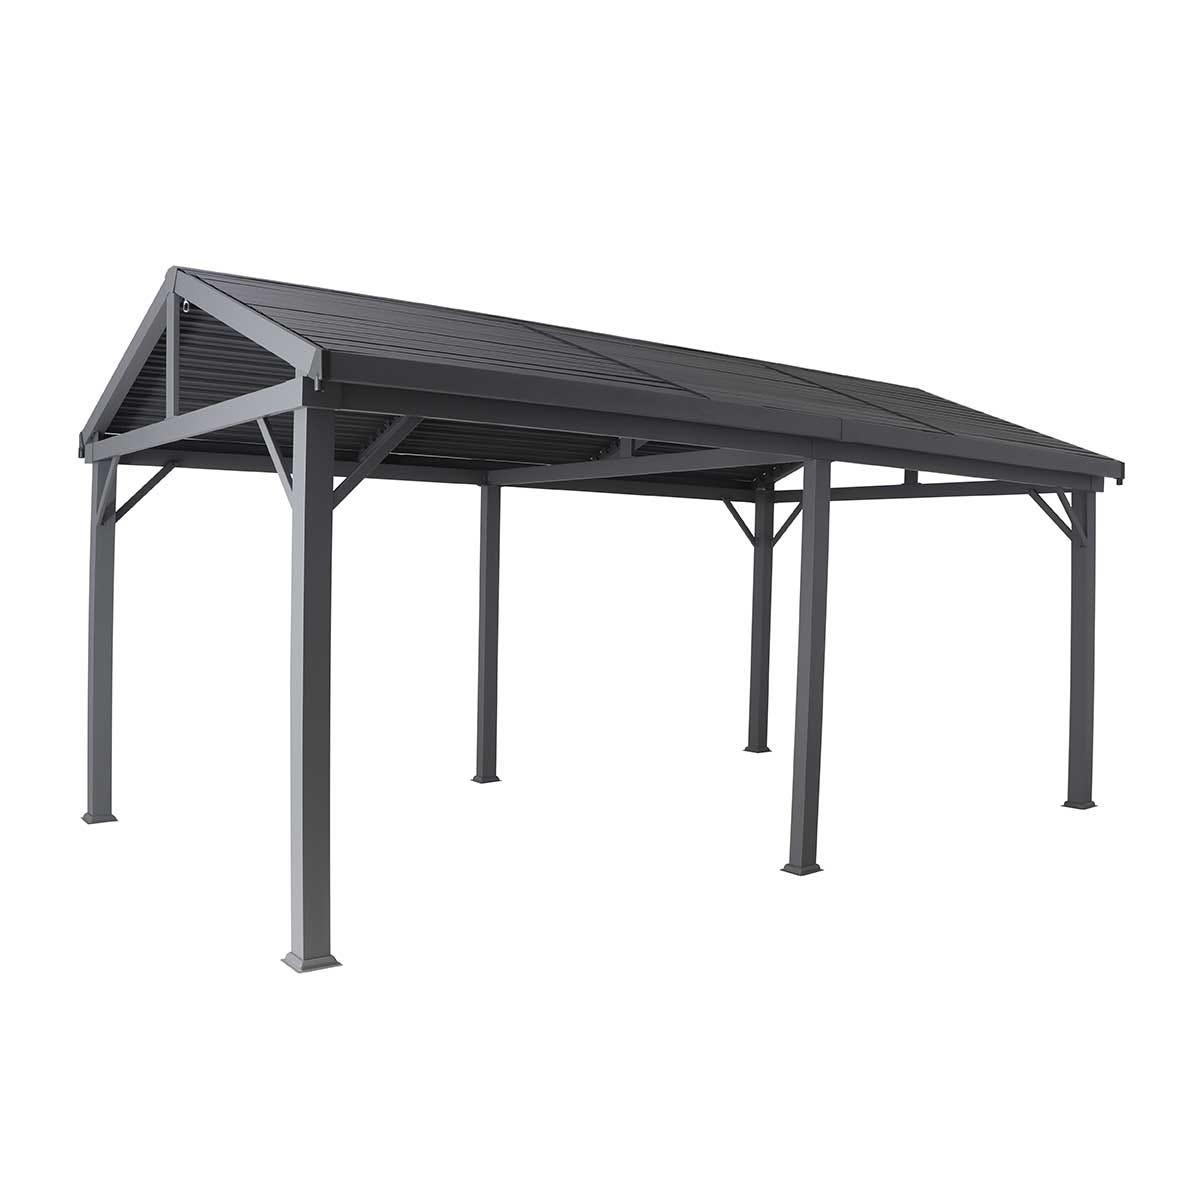 Creador Aluminium 5.3 x 3.2 Apex Roof Slat Gazebo - Anthracite